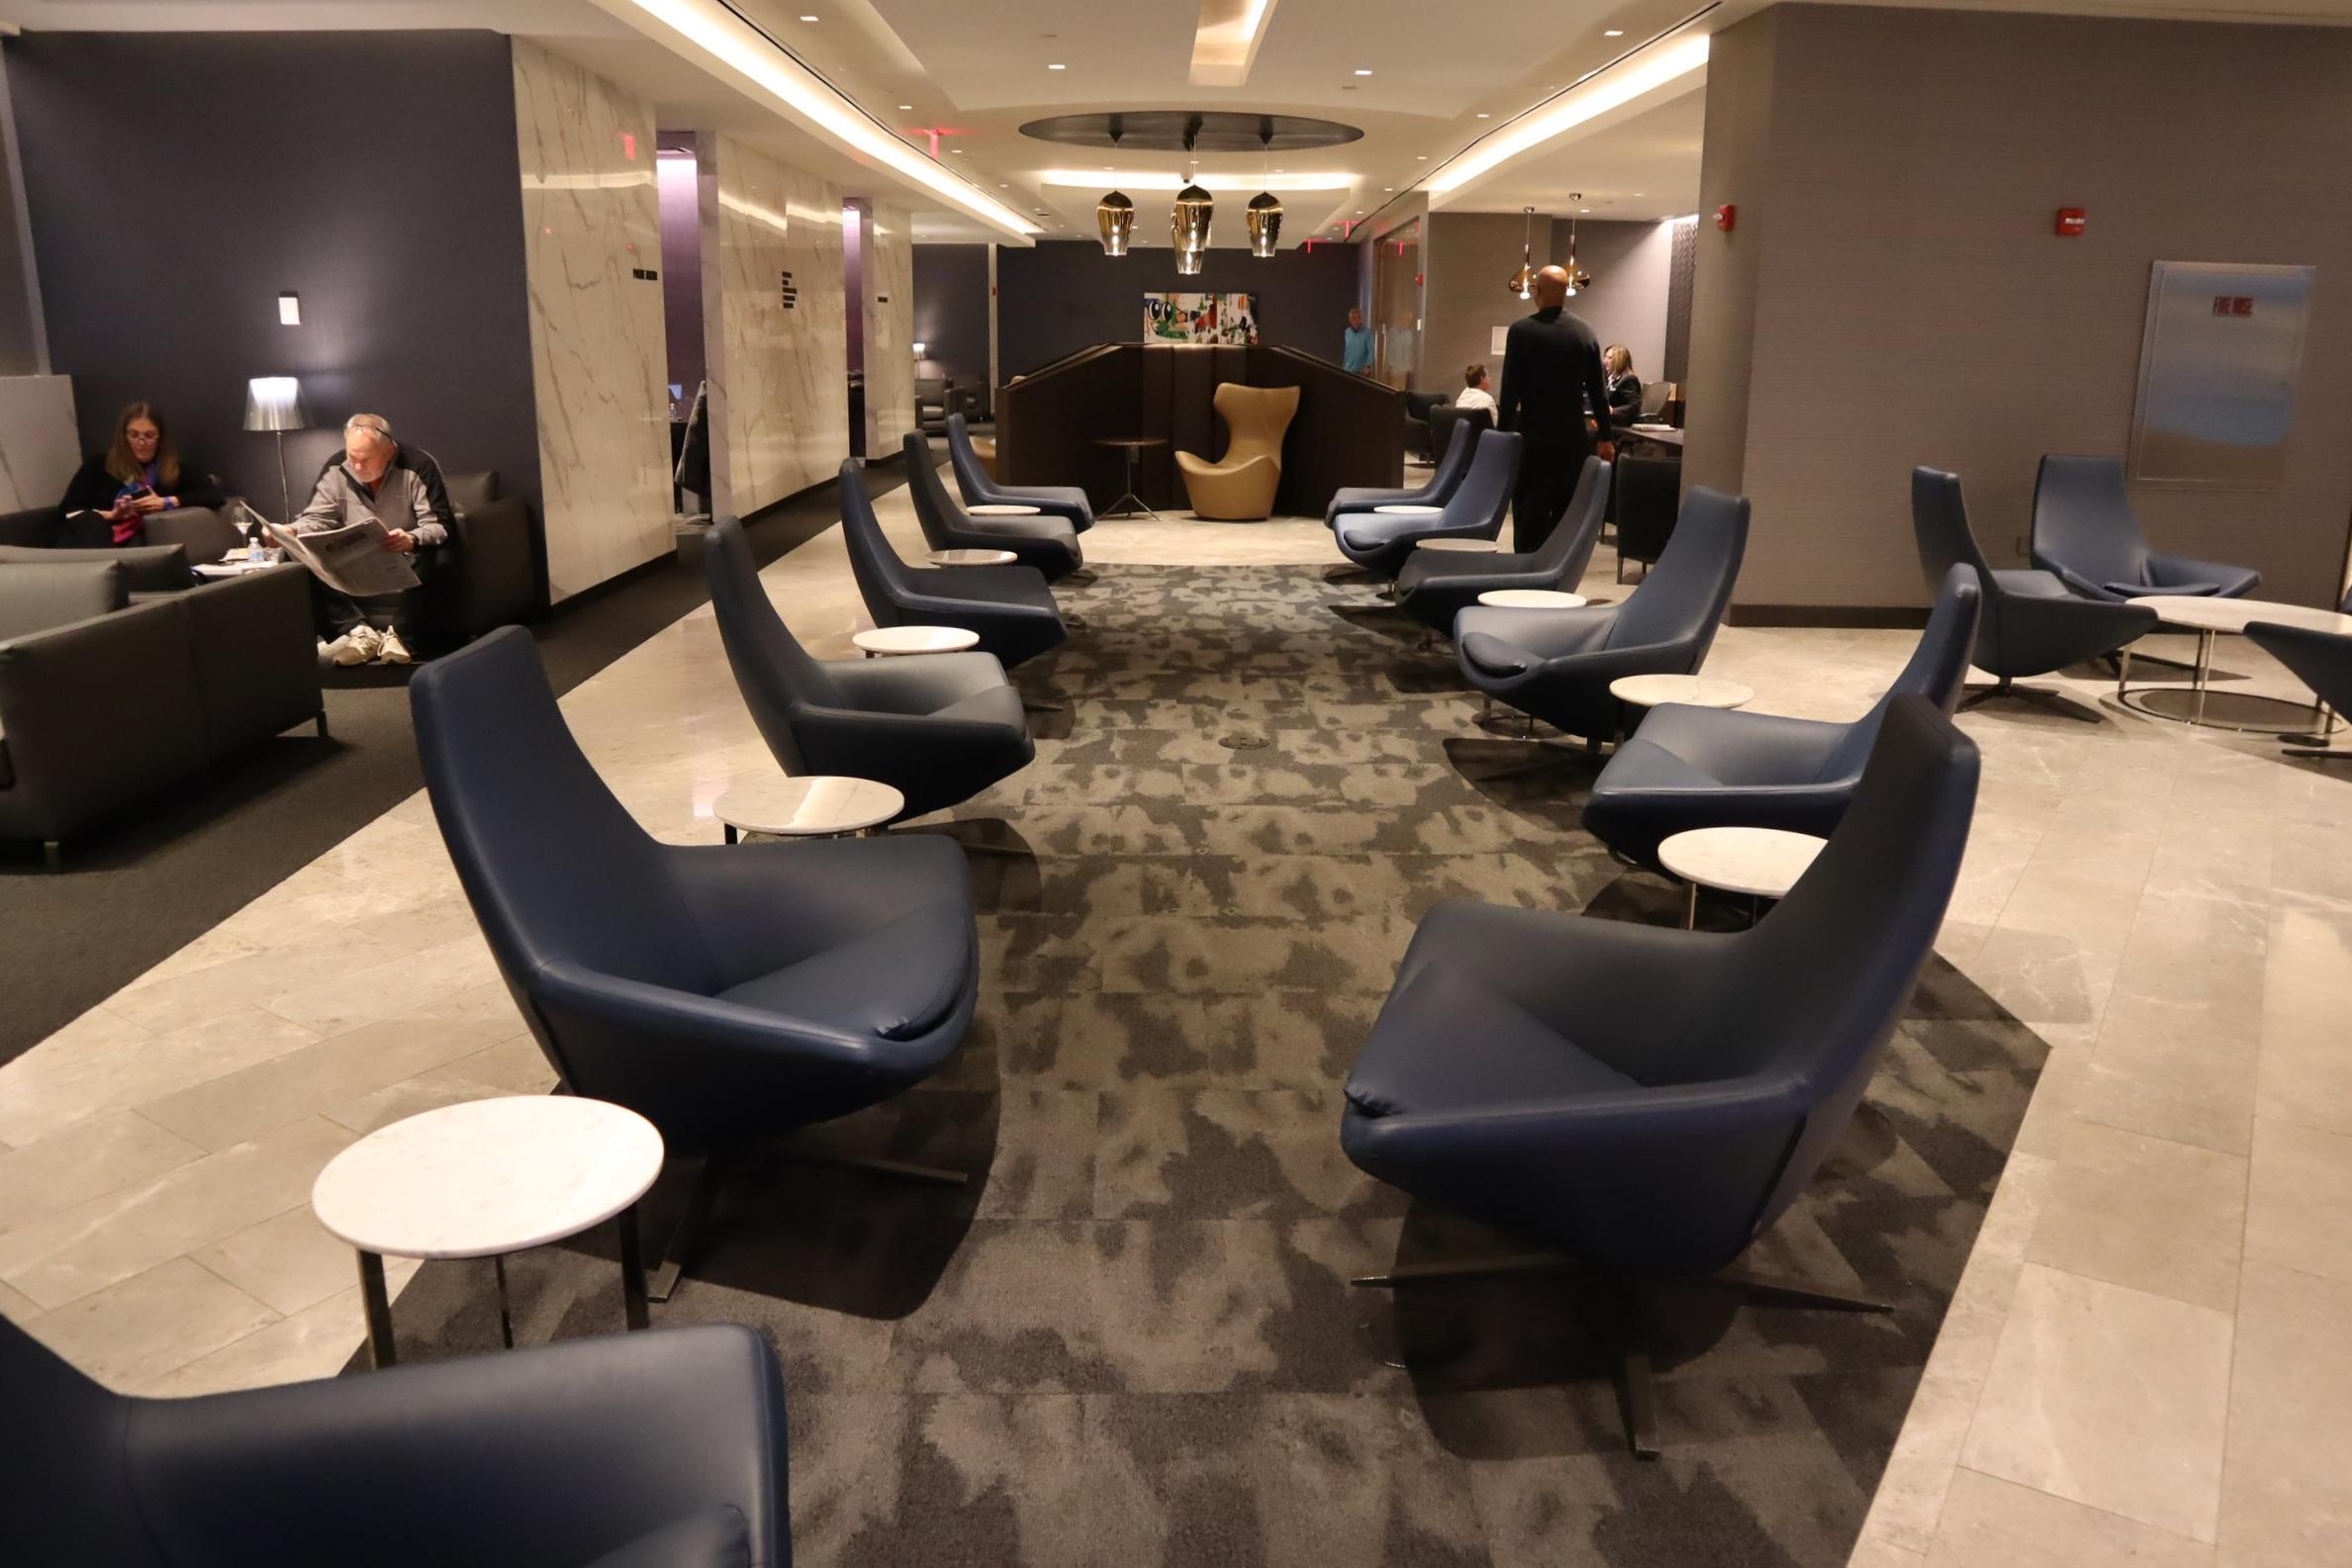 United Polaris Lounge Newark – Seating area